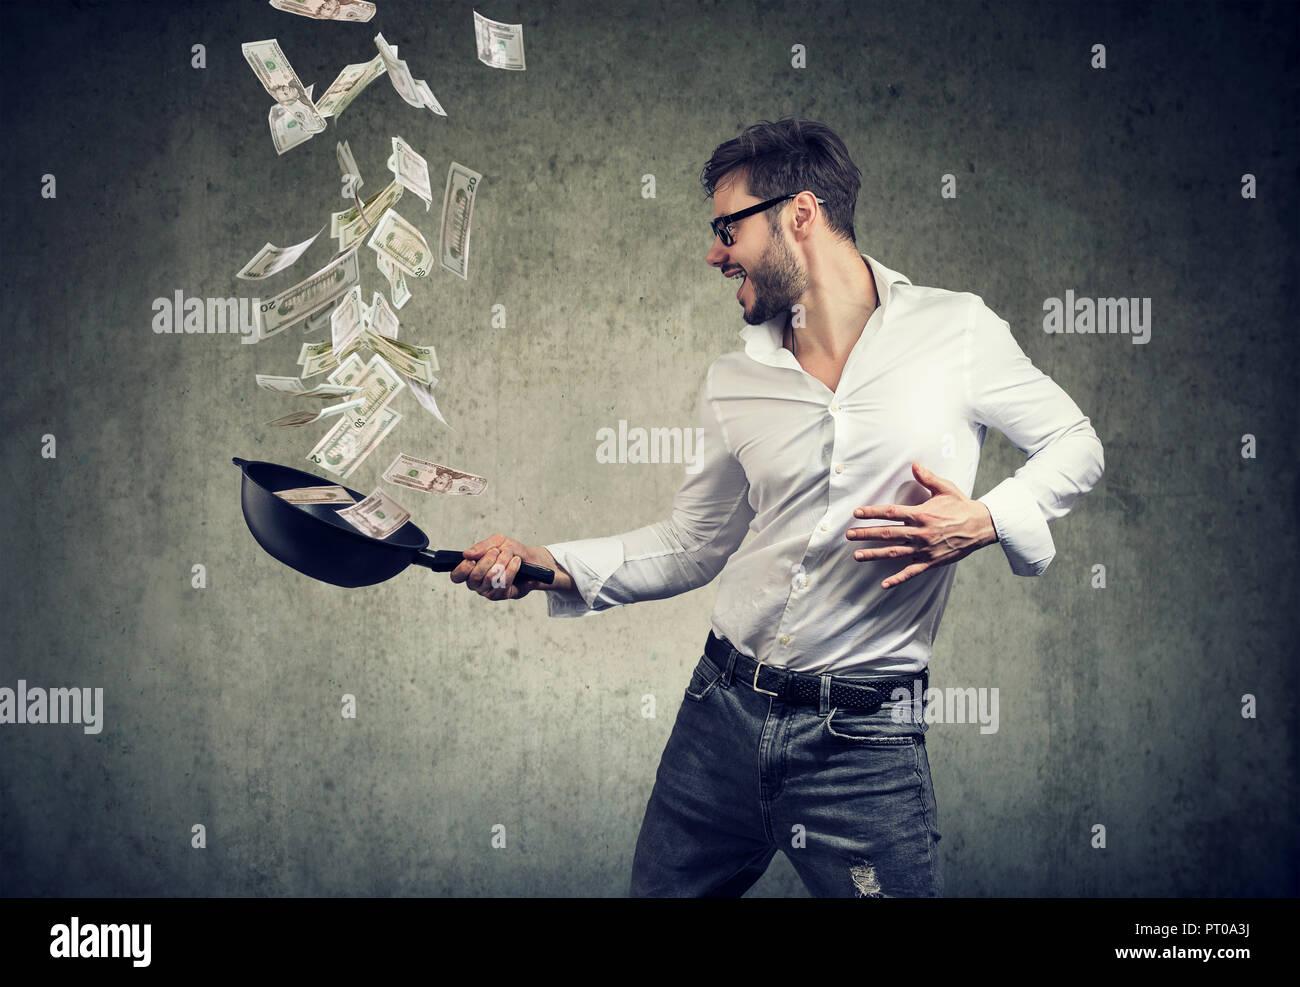 Content suoper heureux homme avec poêle plein de billets d'un dollar sur fond gris Photo Stock